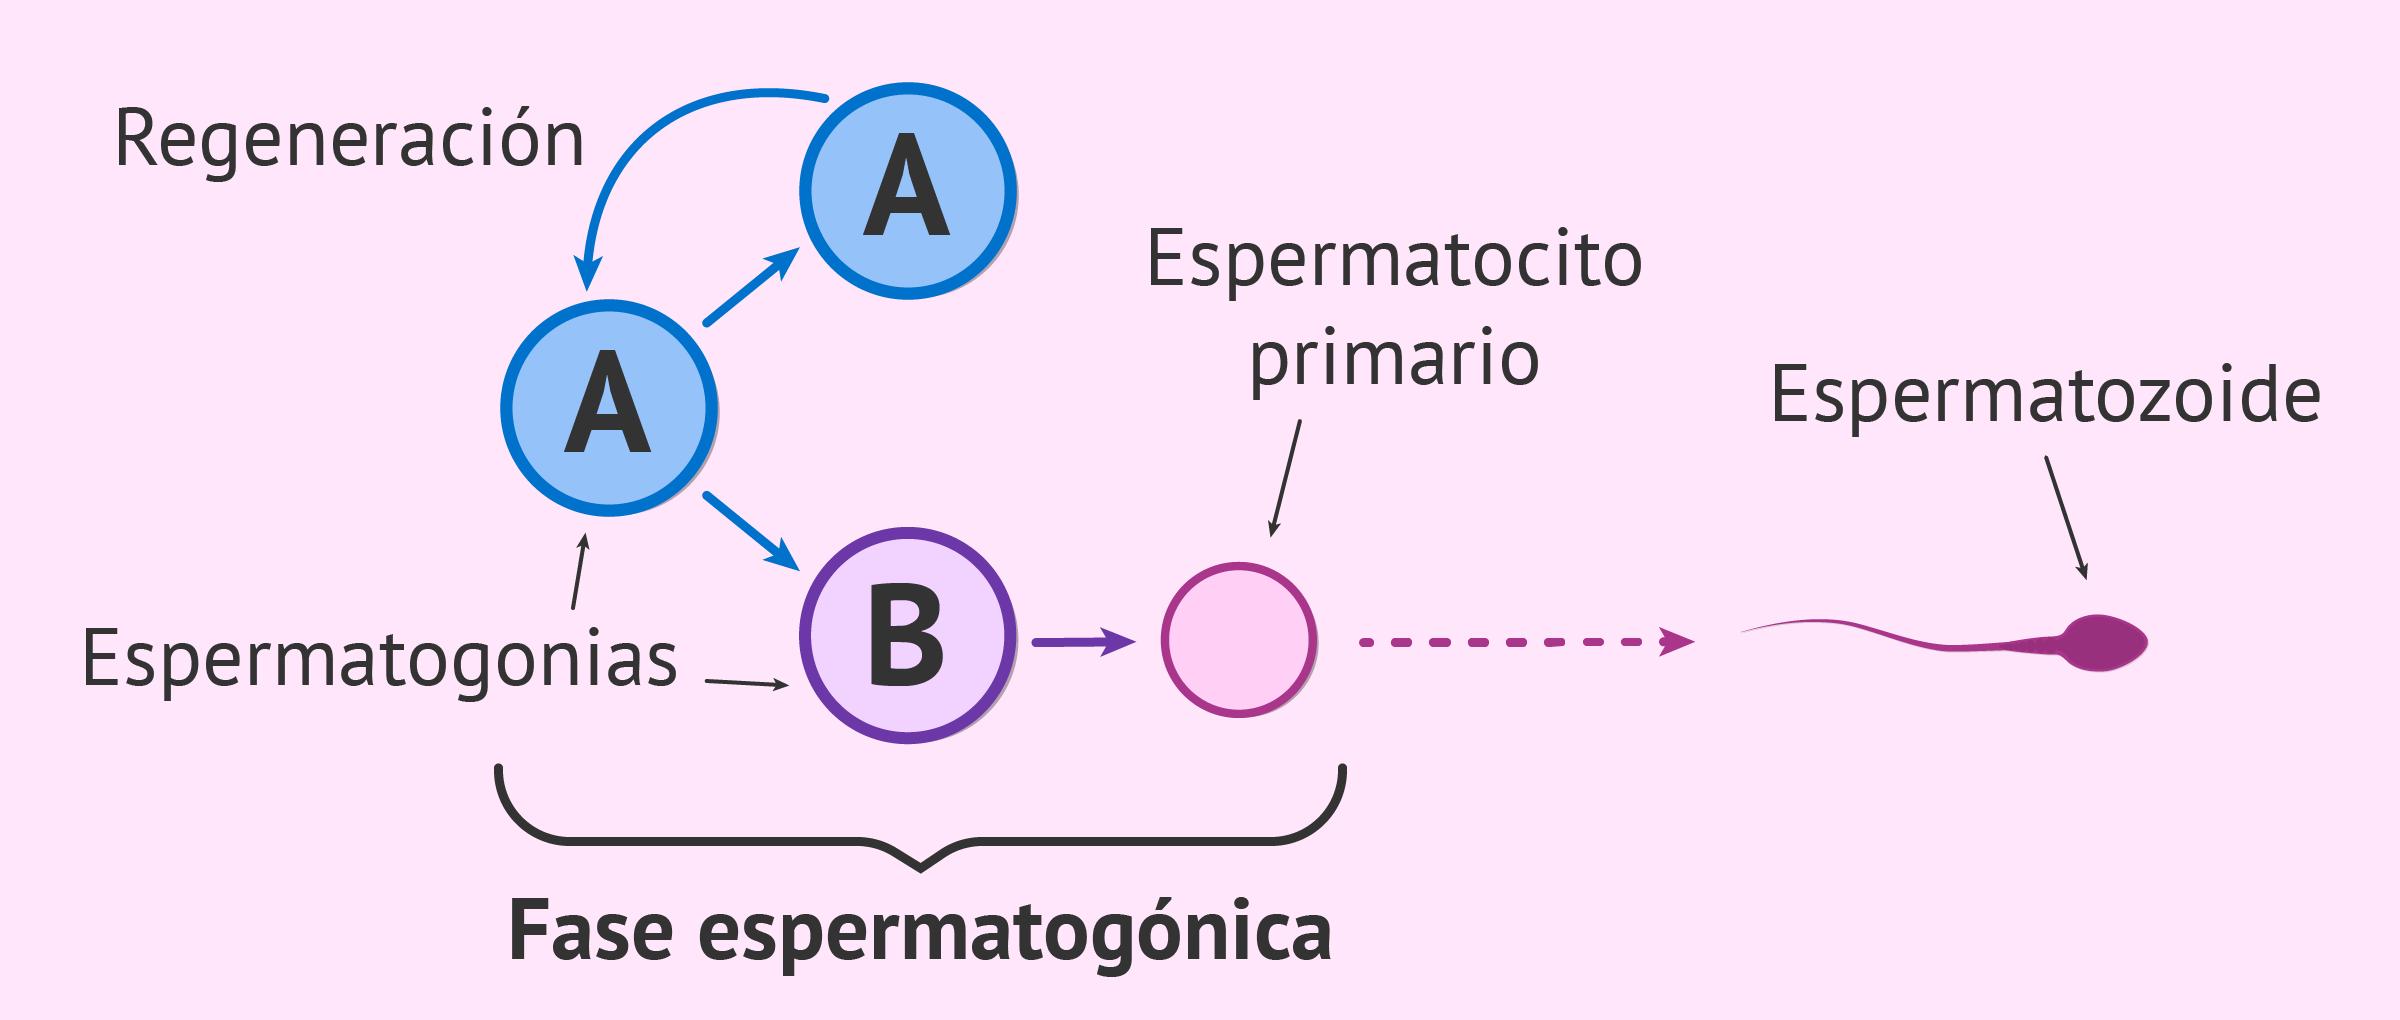 Fase espermatogónica